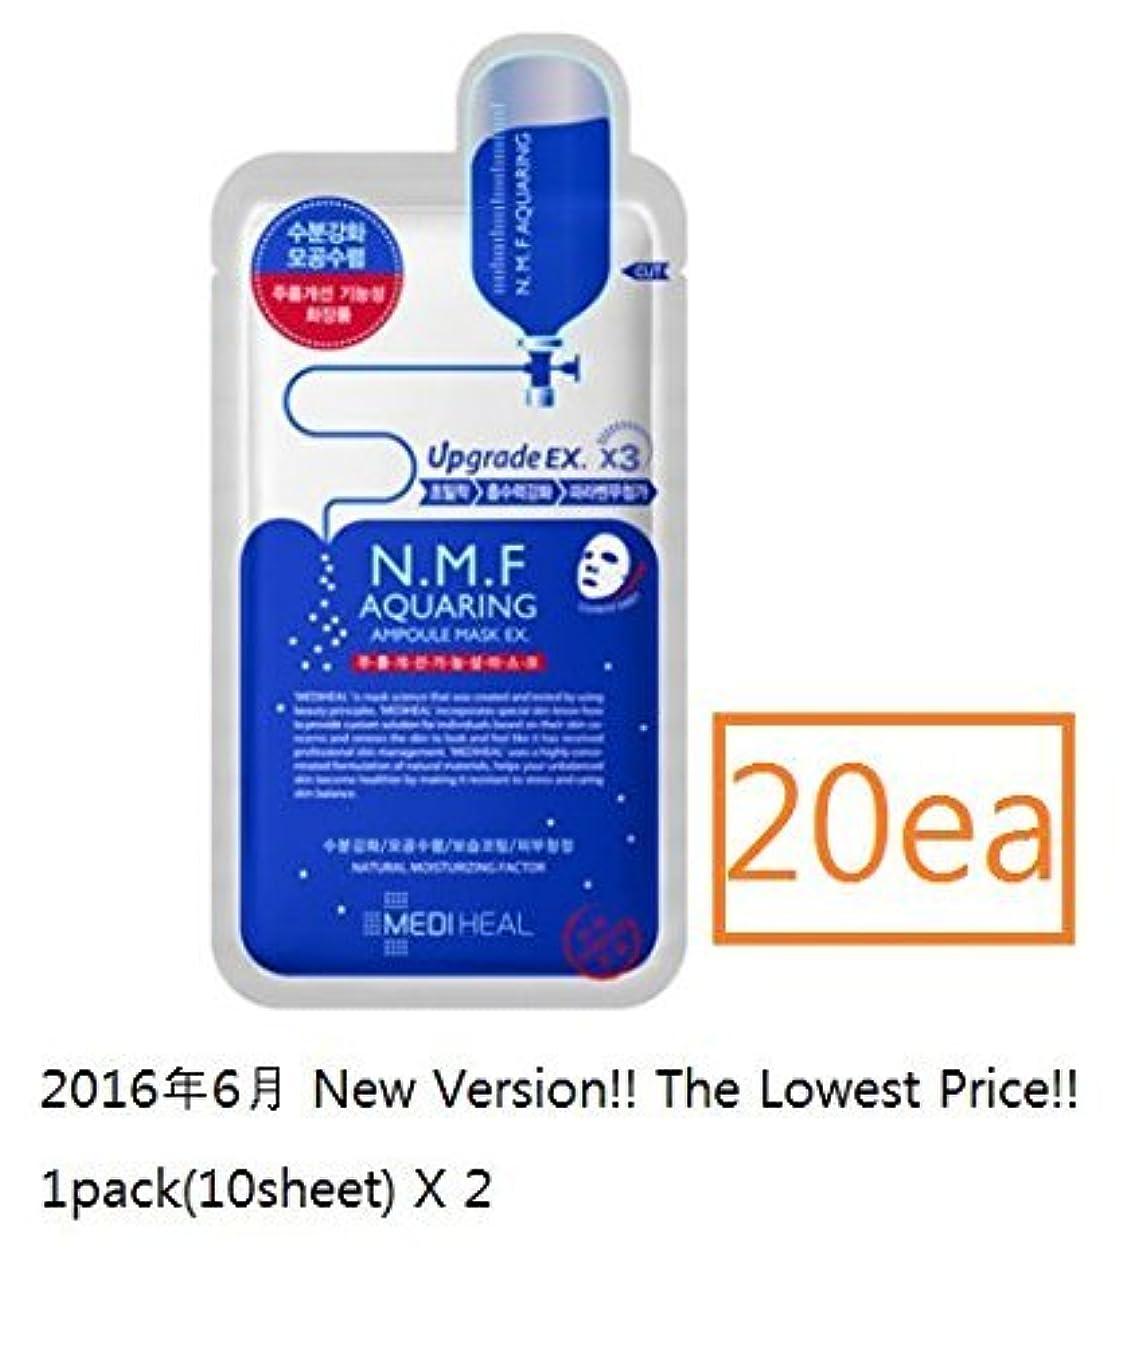 有名接辞皮Mediheal メディヒール N.M.F アクアリング アンプル?マスクパック 10枚入り*2 (Aquaring Ampoule Essential Mask Pack 1box(10sheet)*2 [並行輸入品]